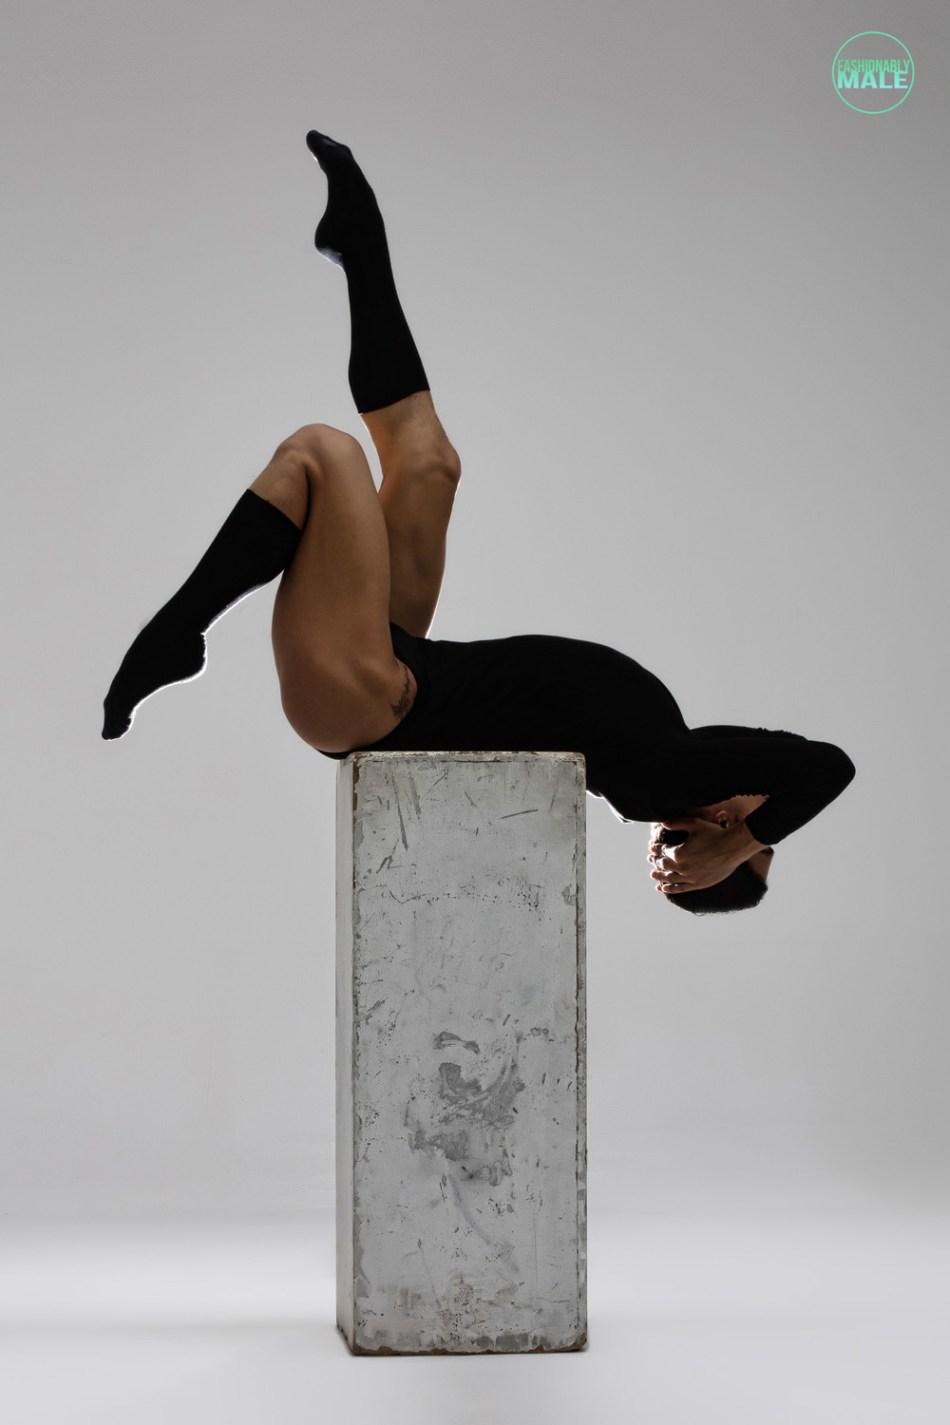 Mihael Belilov by Joan Crisol for Fashionably Male11